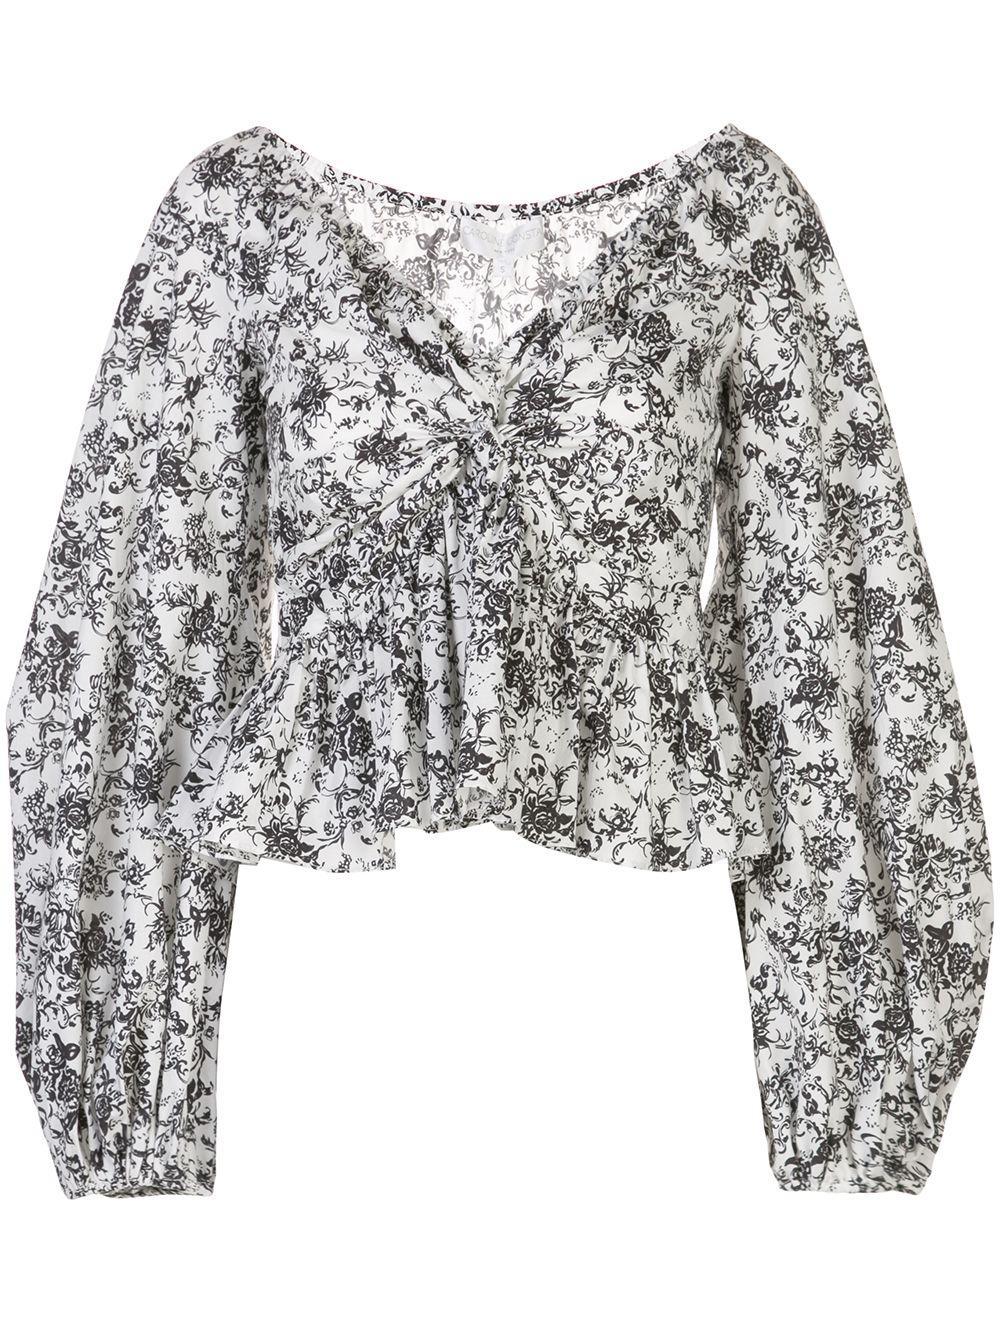 Caroline Constas укороченная блузка с цветочным принтом